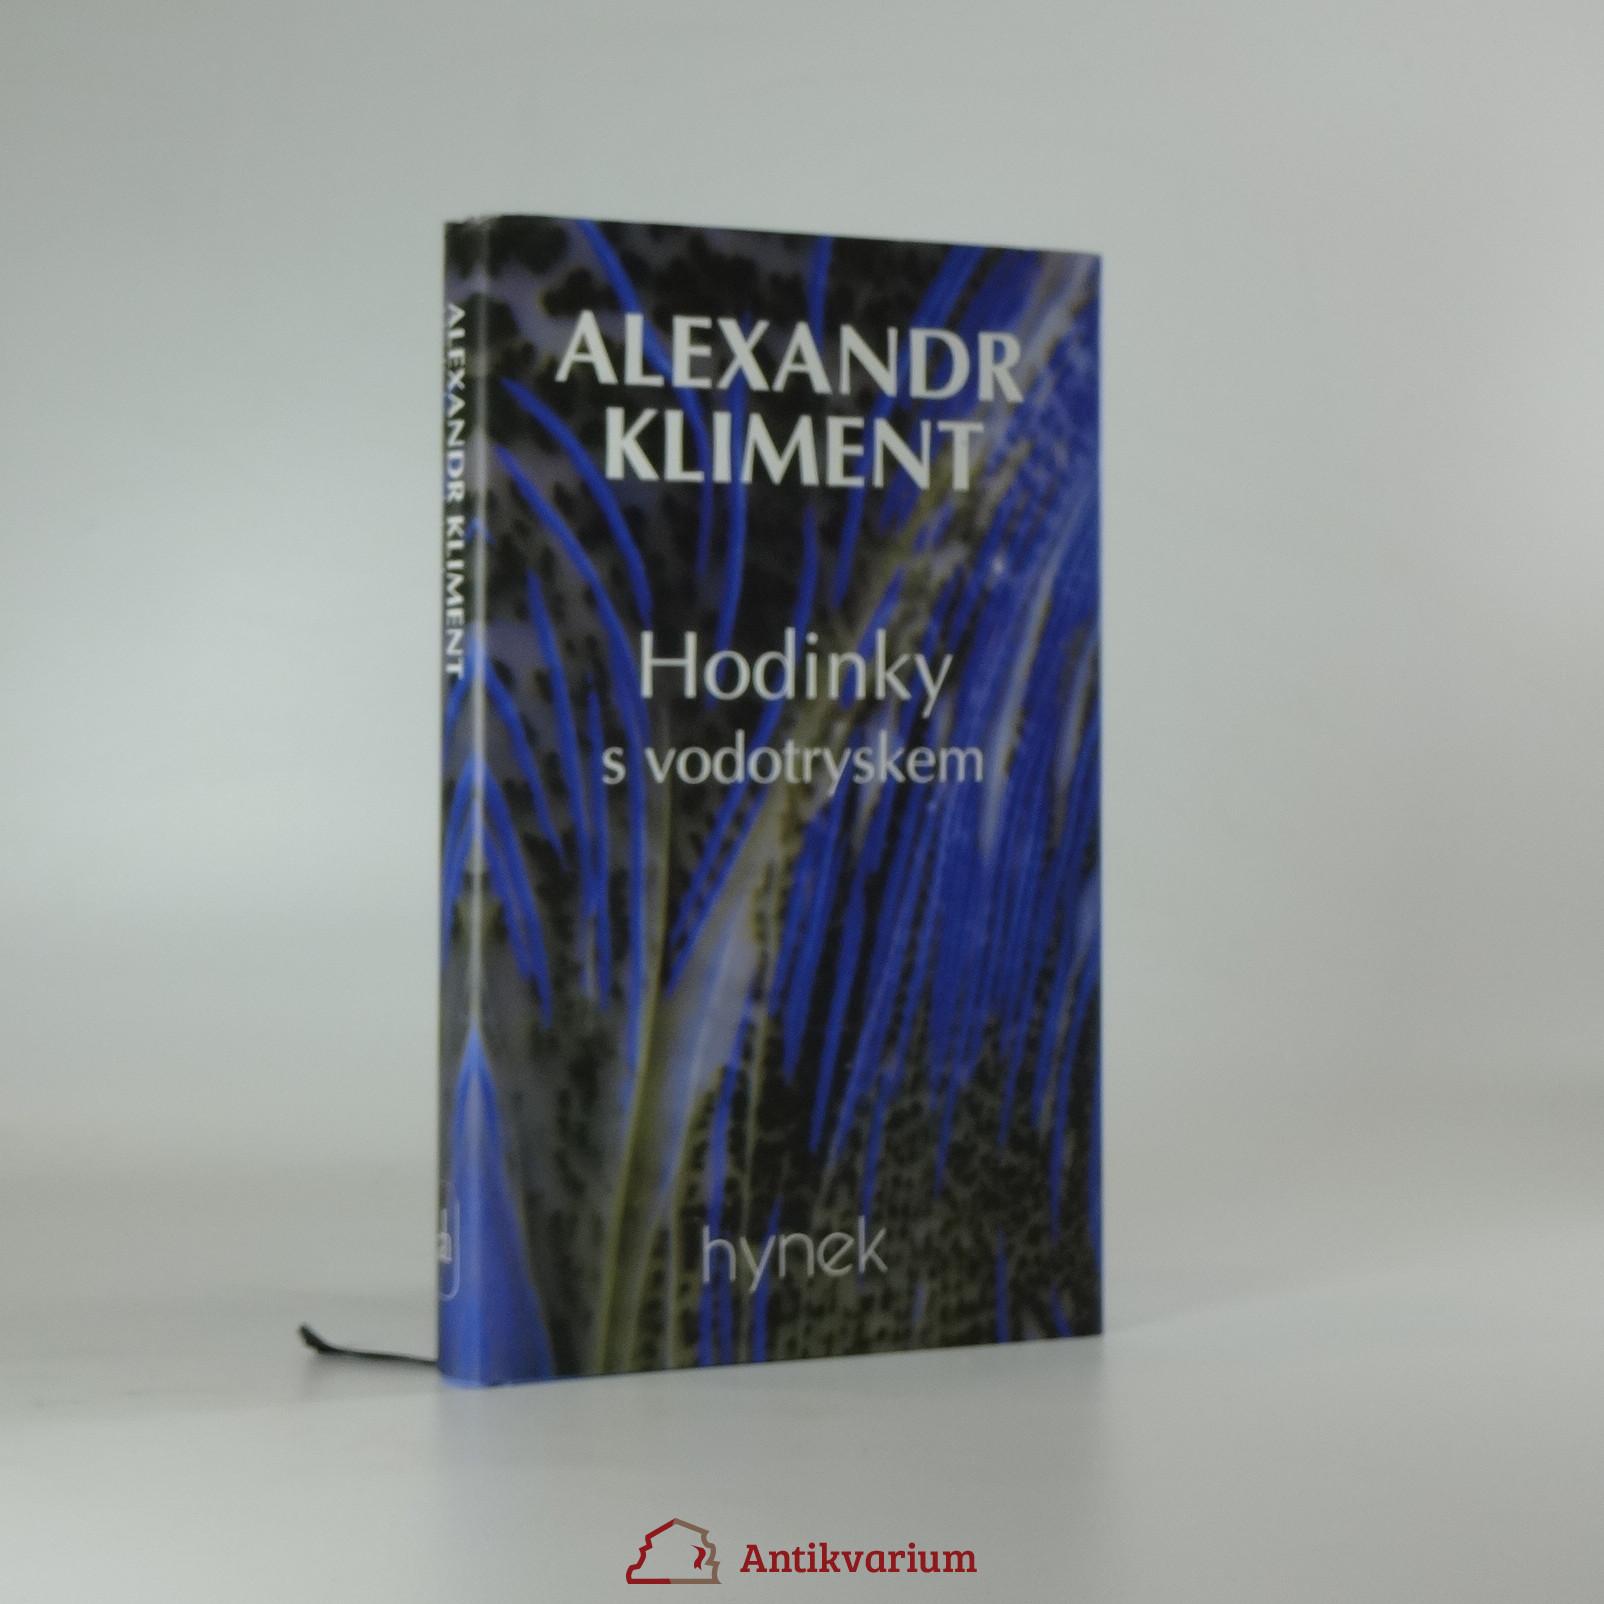 antikvární kniha Hodinky s vodotryskem, 1997